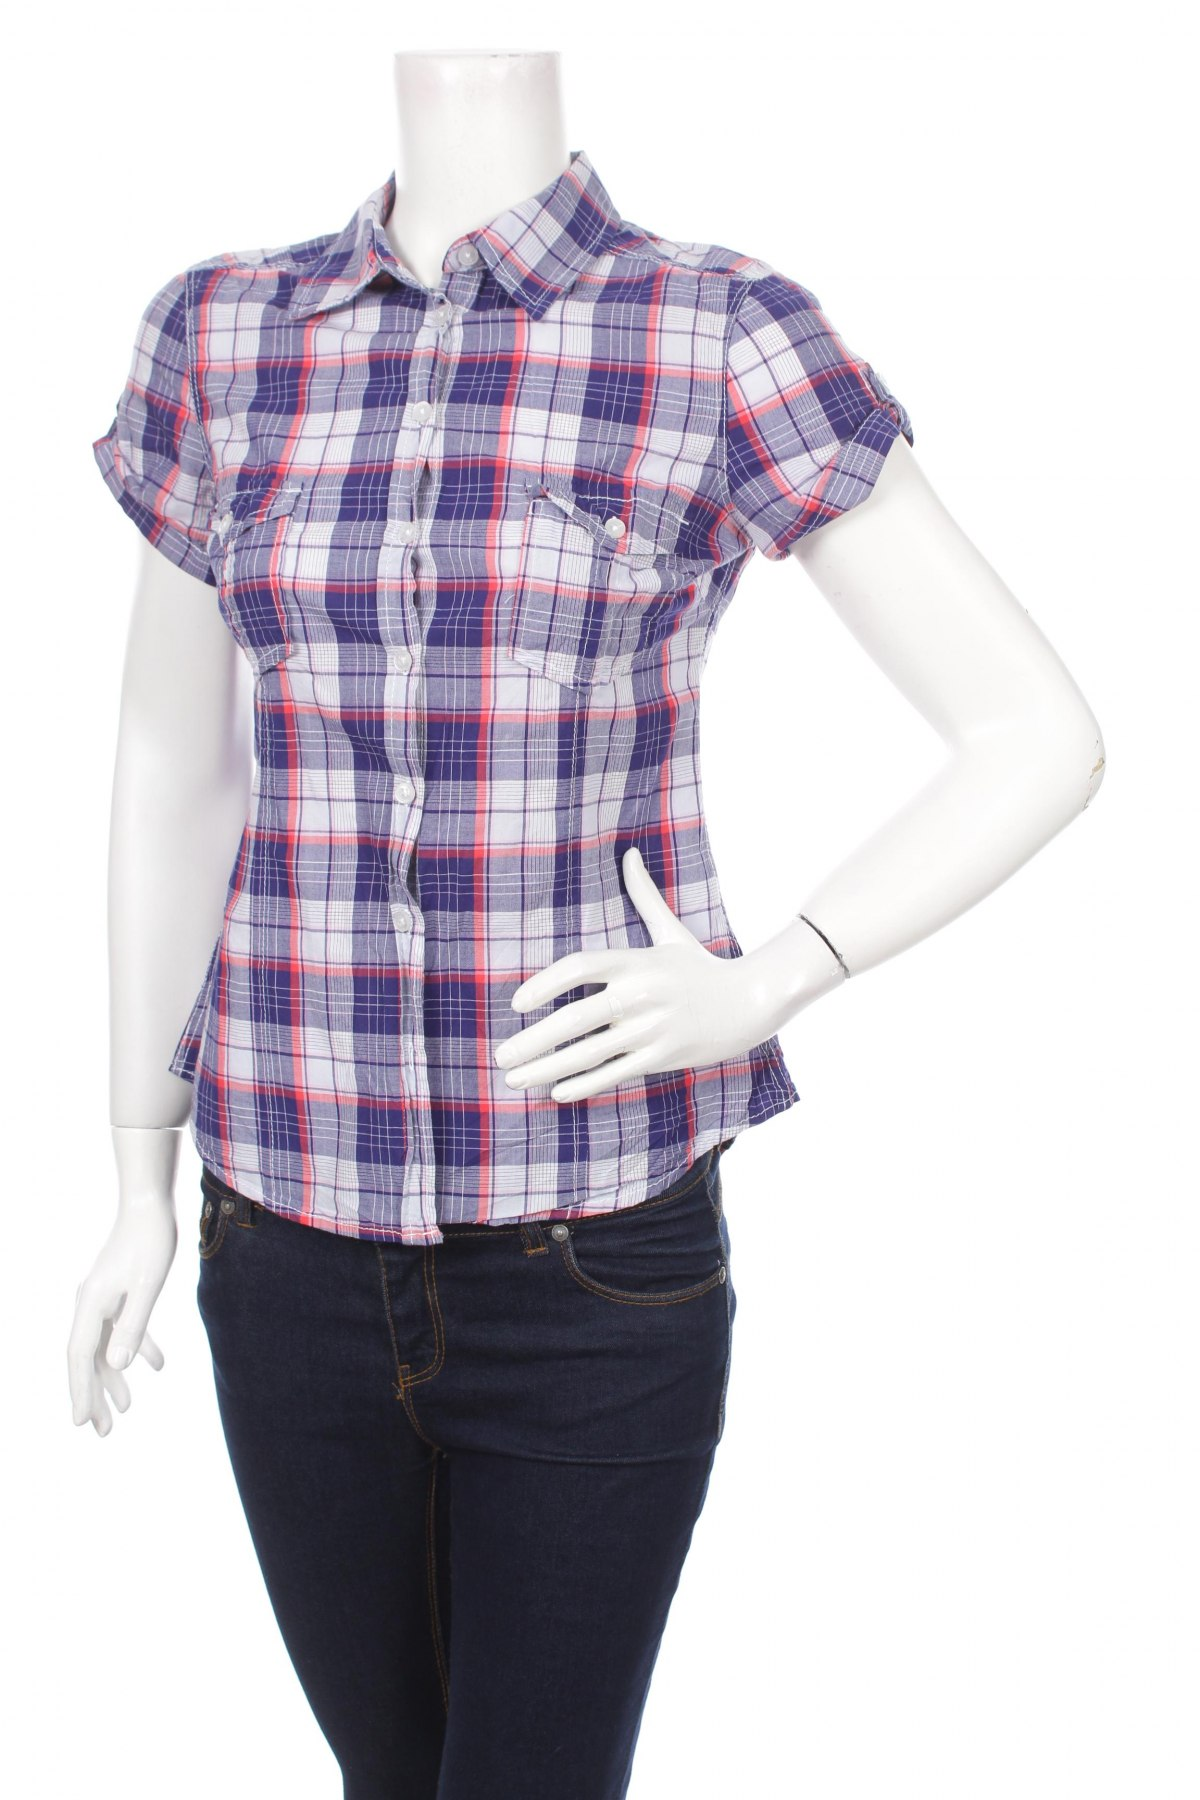 Γυναικείο πουκάμισο H&M L.o.g.g, Μέγεθος M, Χρώμα Πολύχρωμο, Τιμή 13,92€